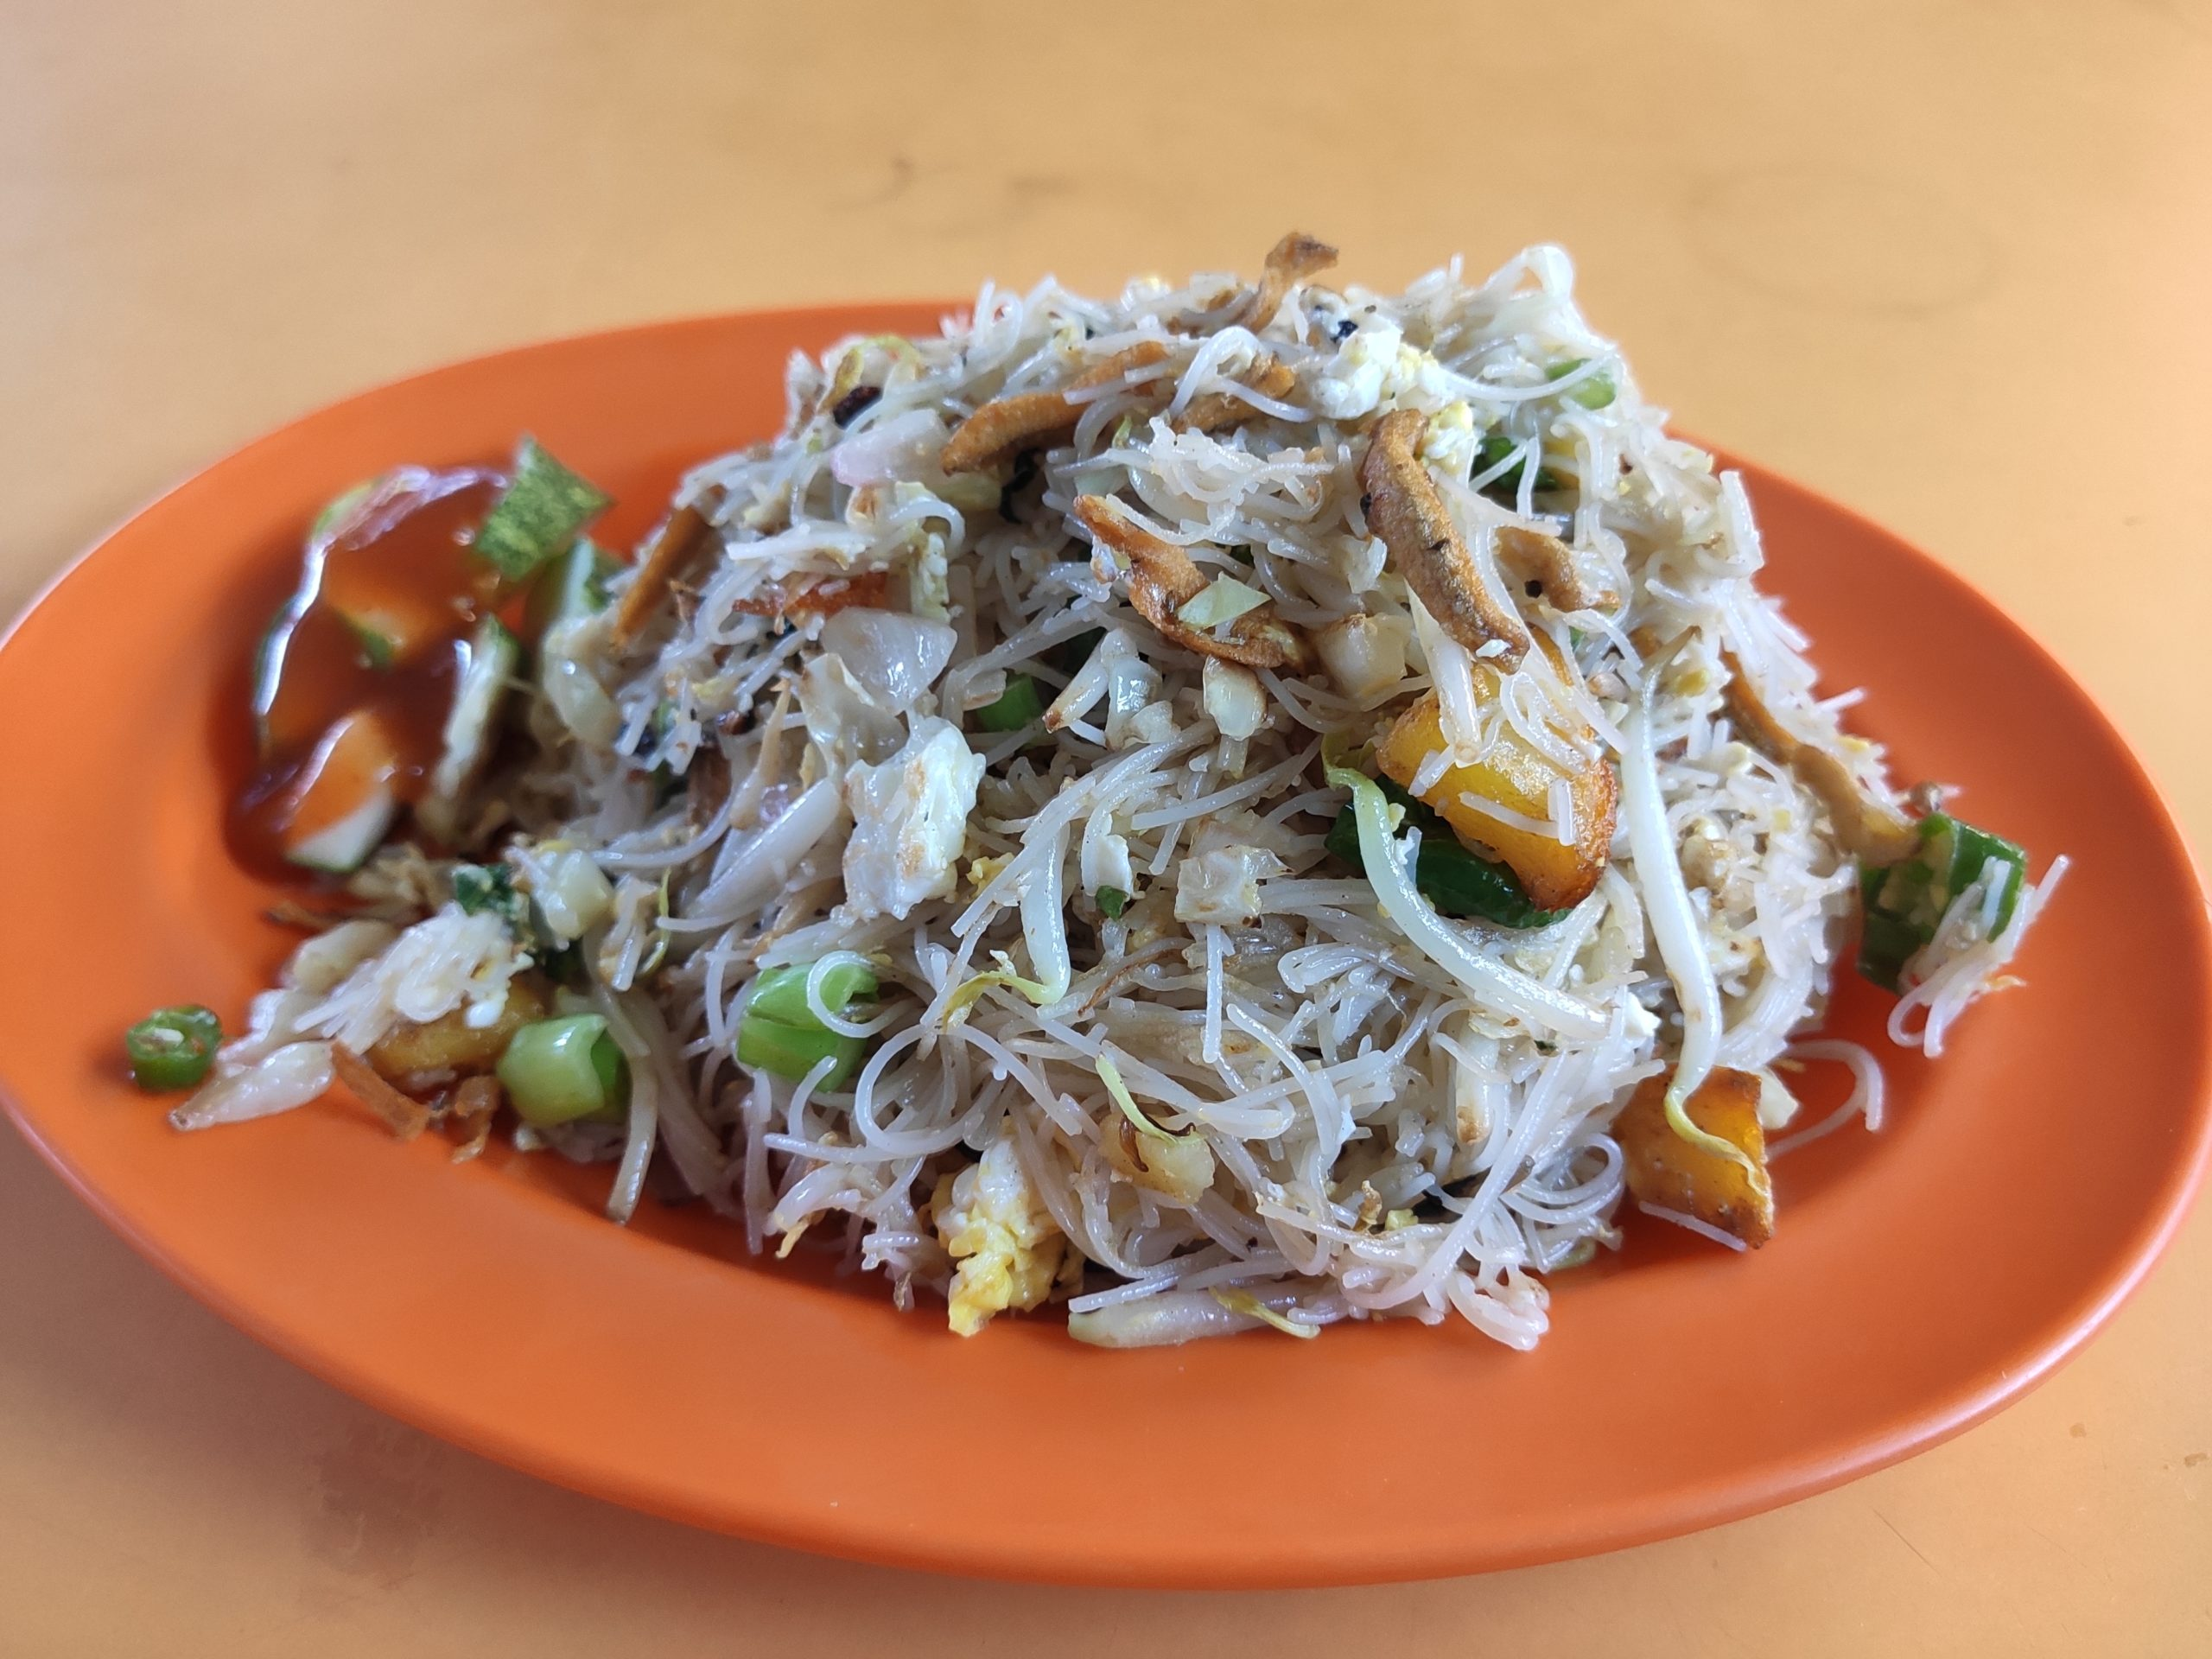 Fahzilaah Halal Food: Mee Hoon Goreng Ikan Bilis